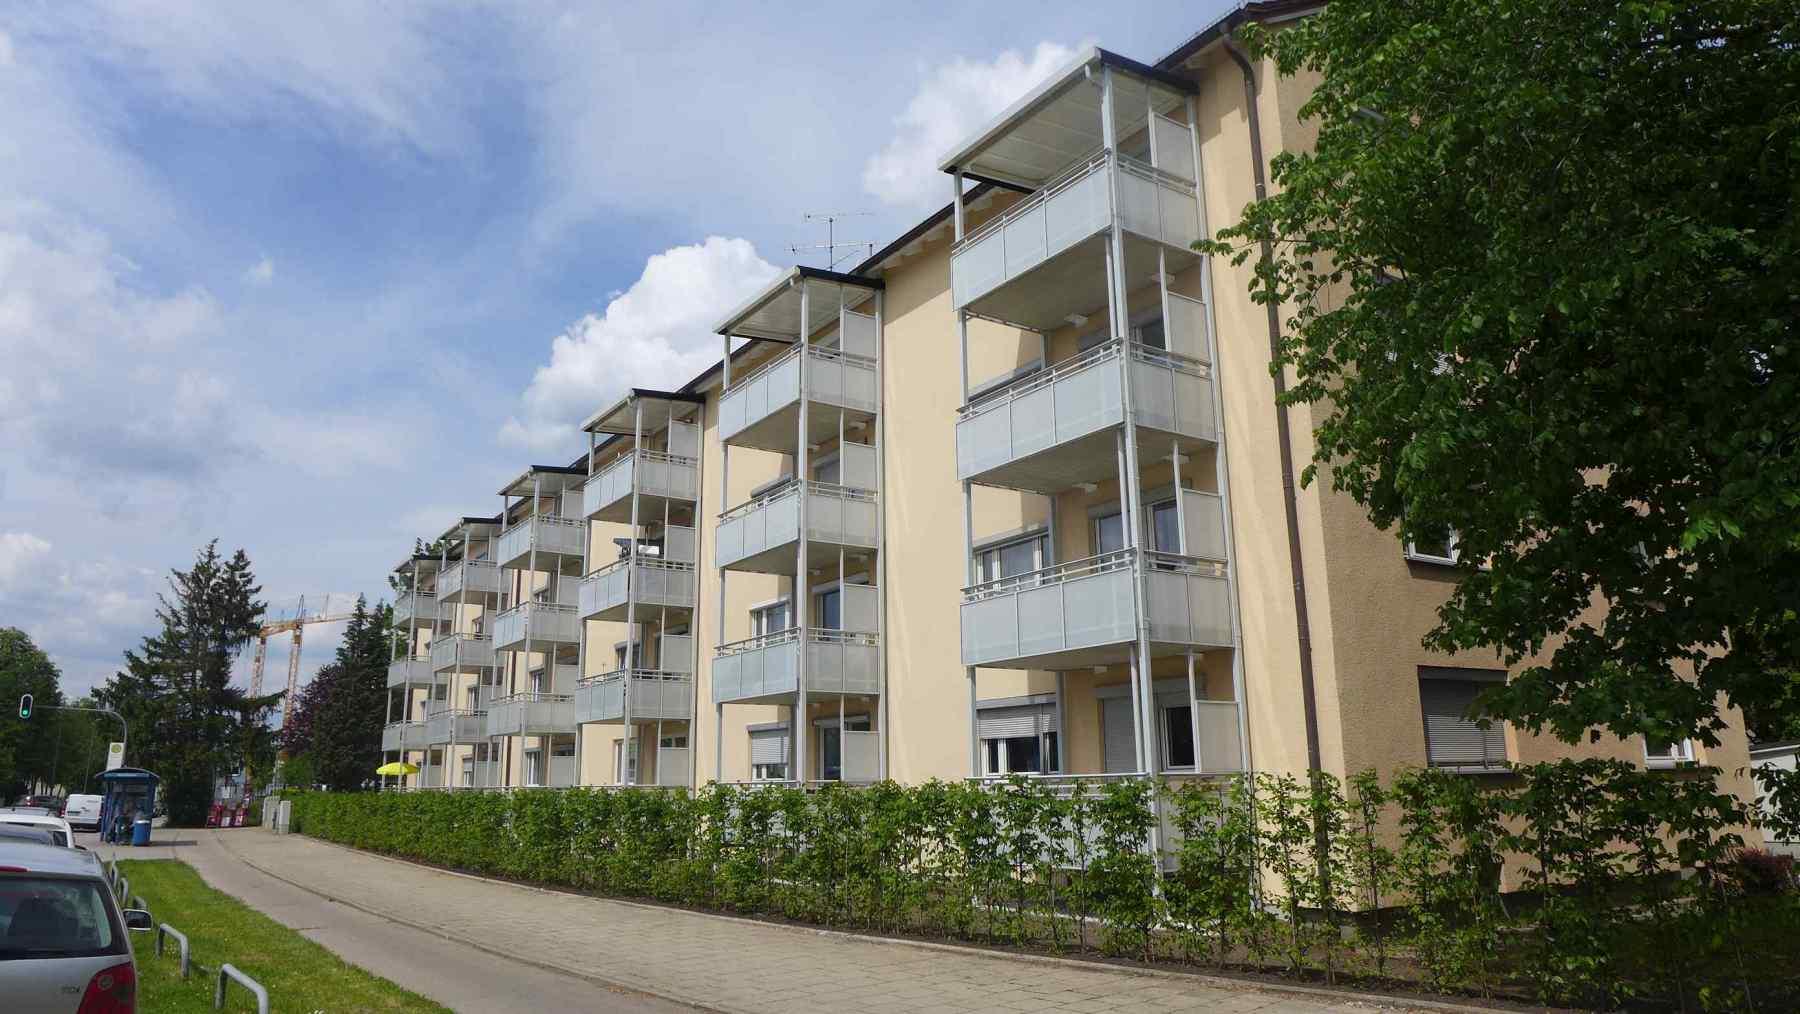 Balkonerneuerung-Muenchen-51